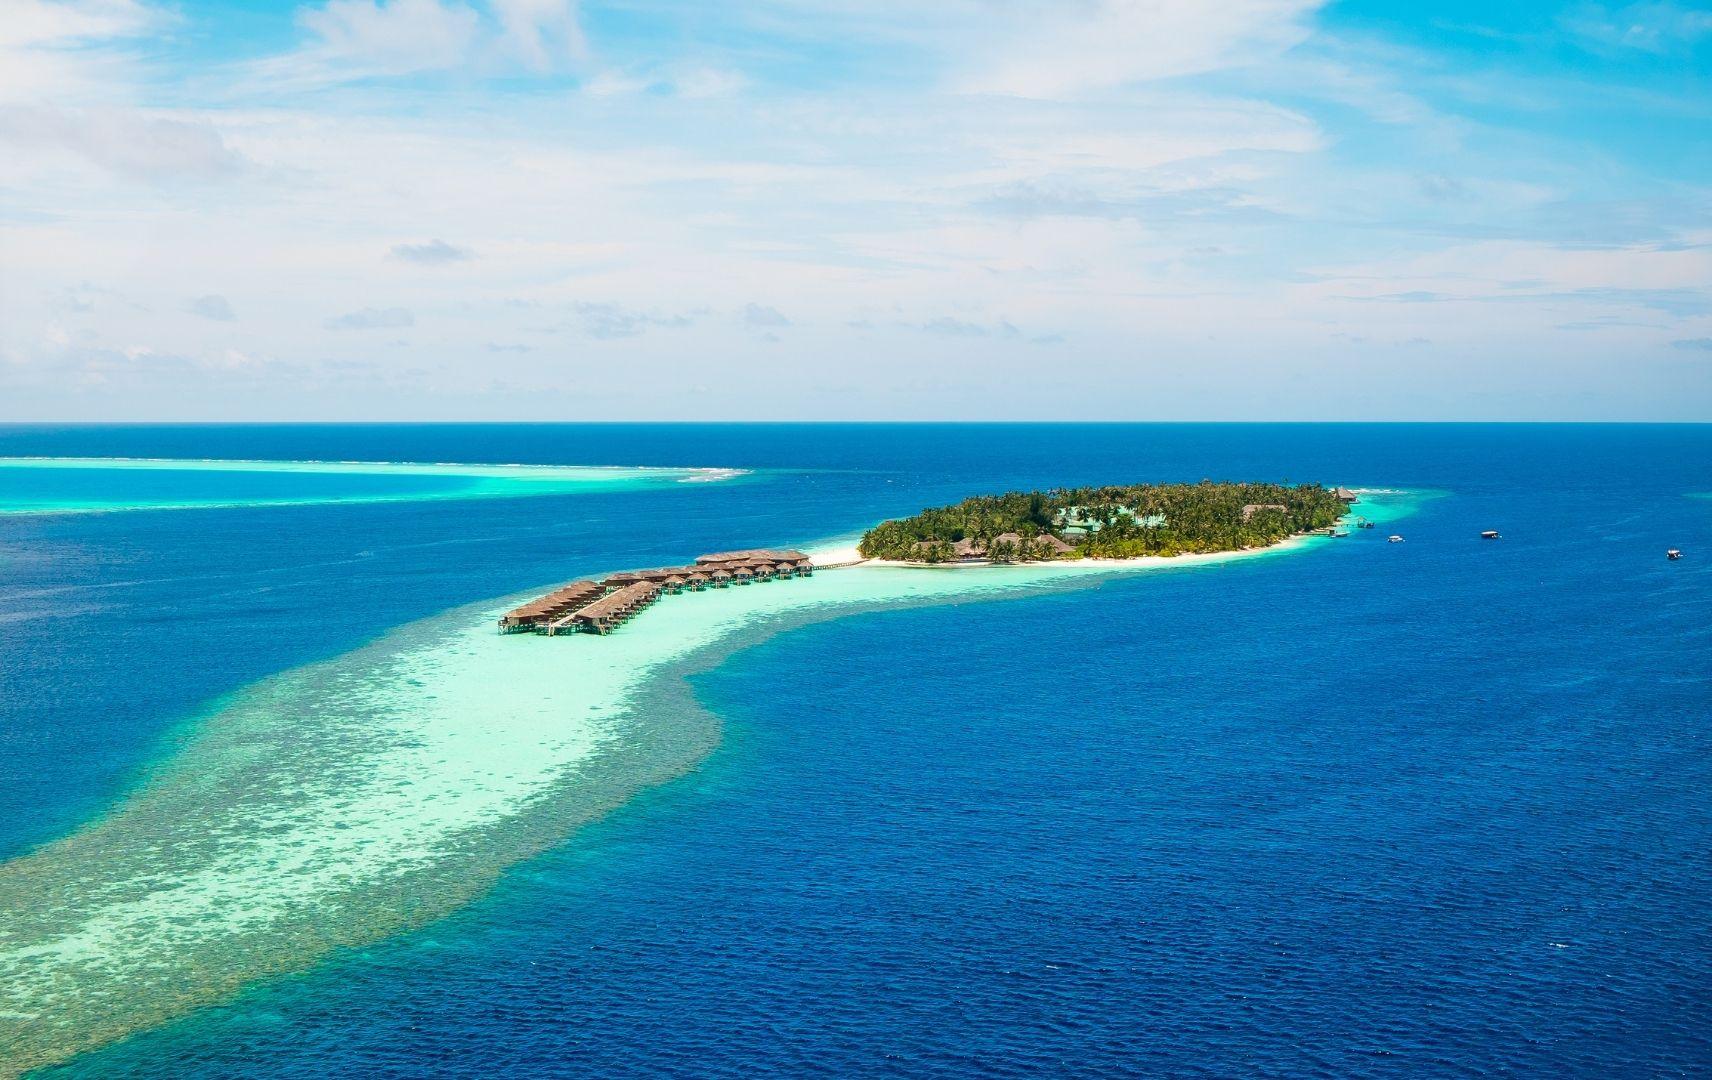 Kreuzfahrt top ten - Indischer Ozean, Insel